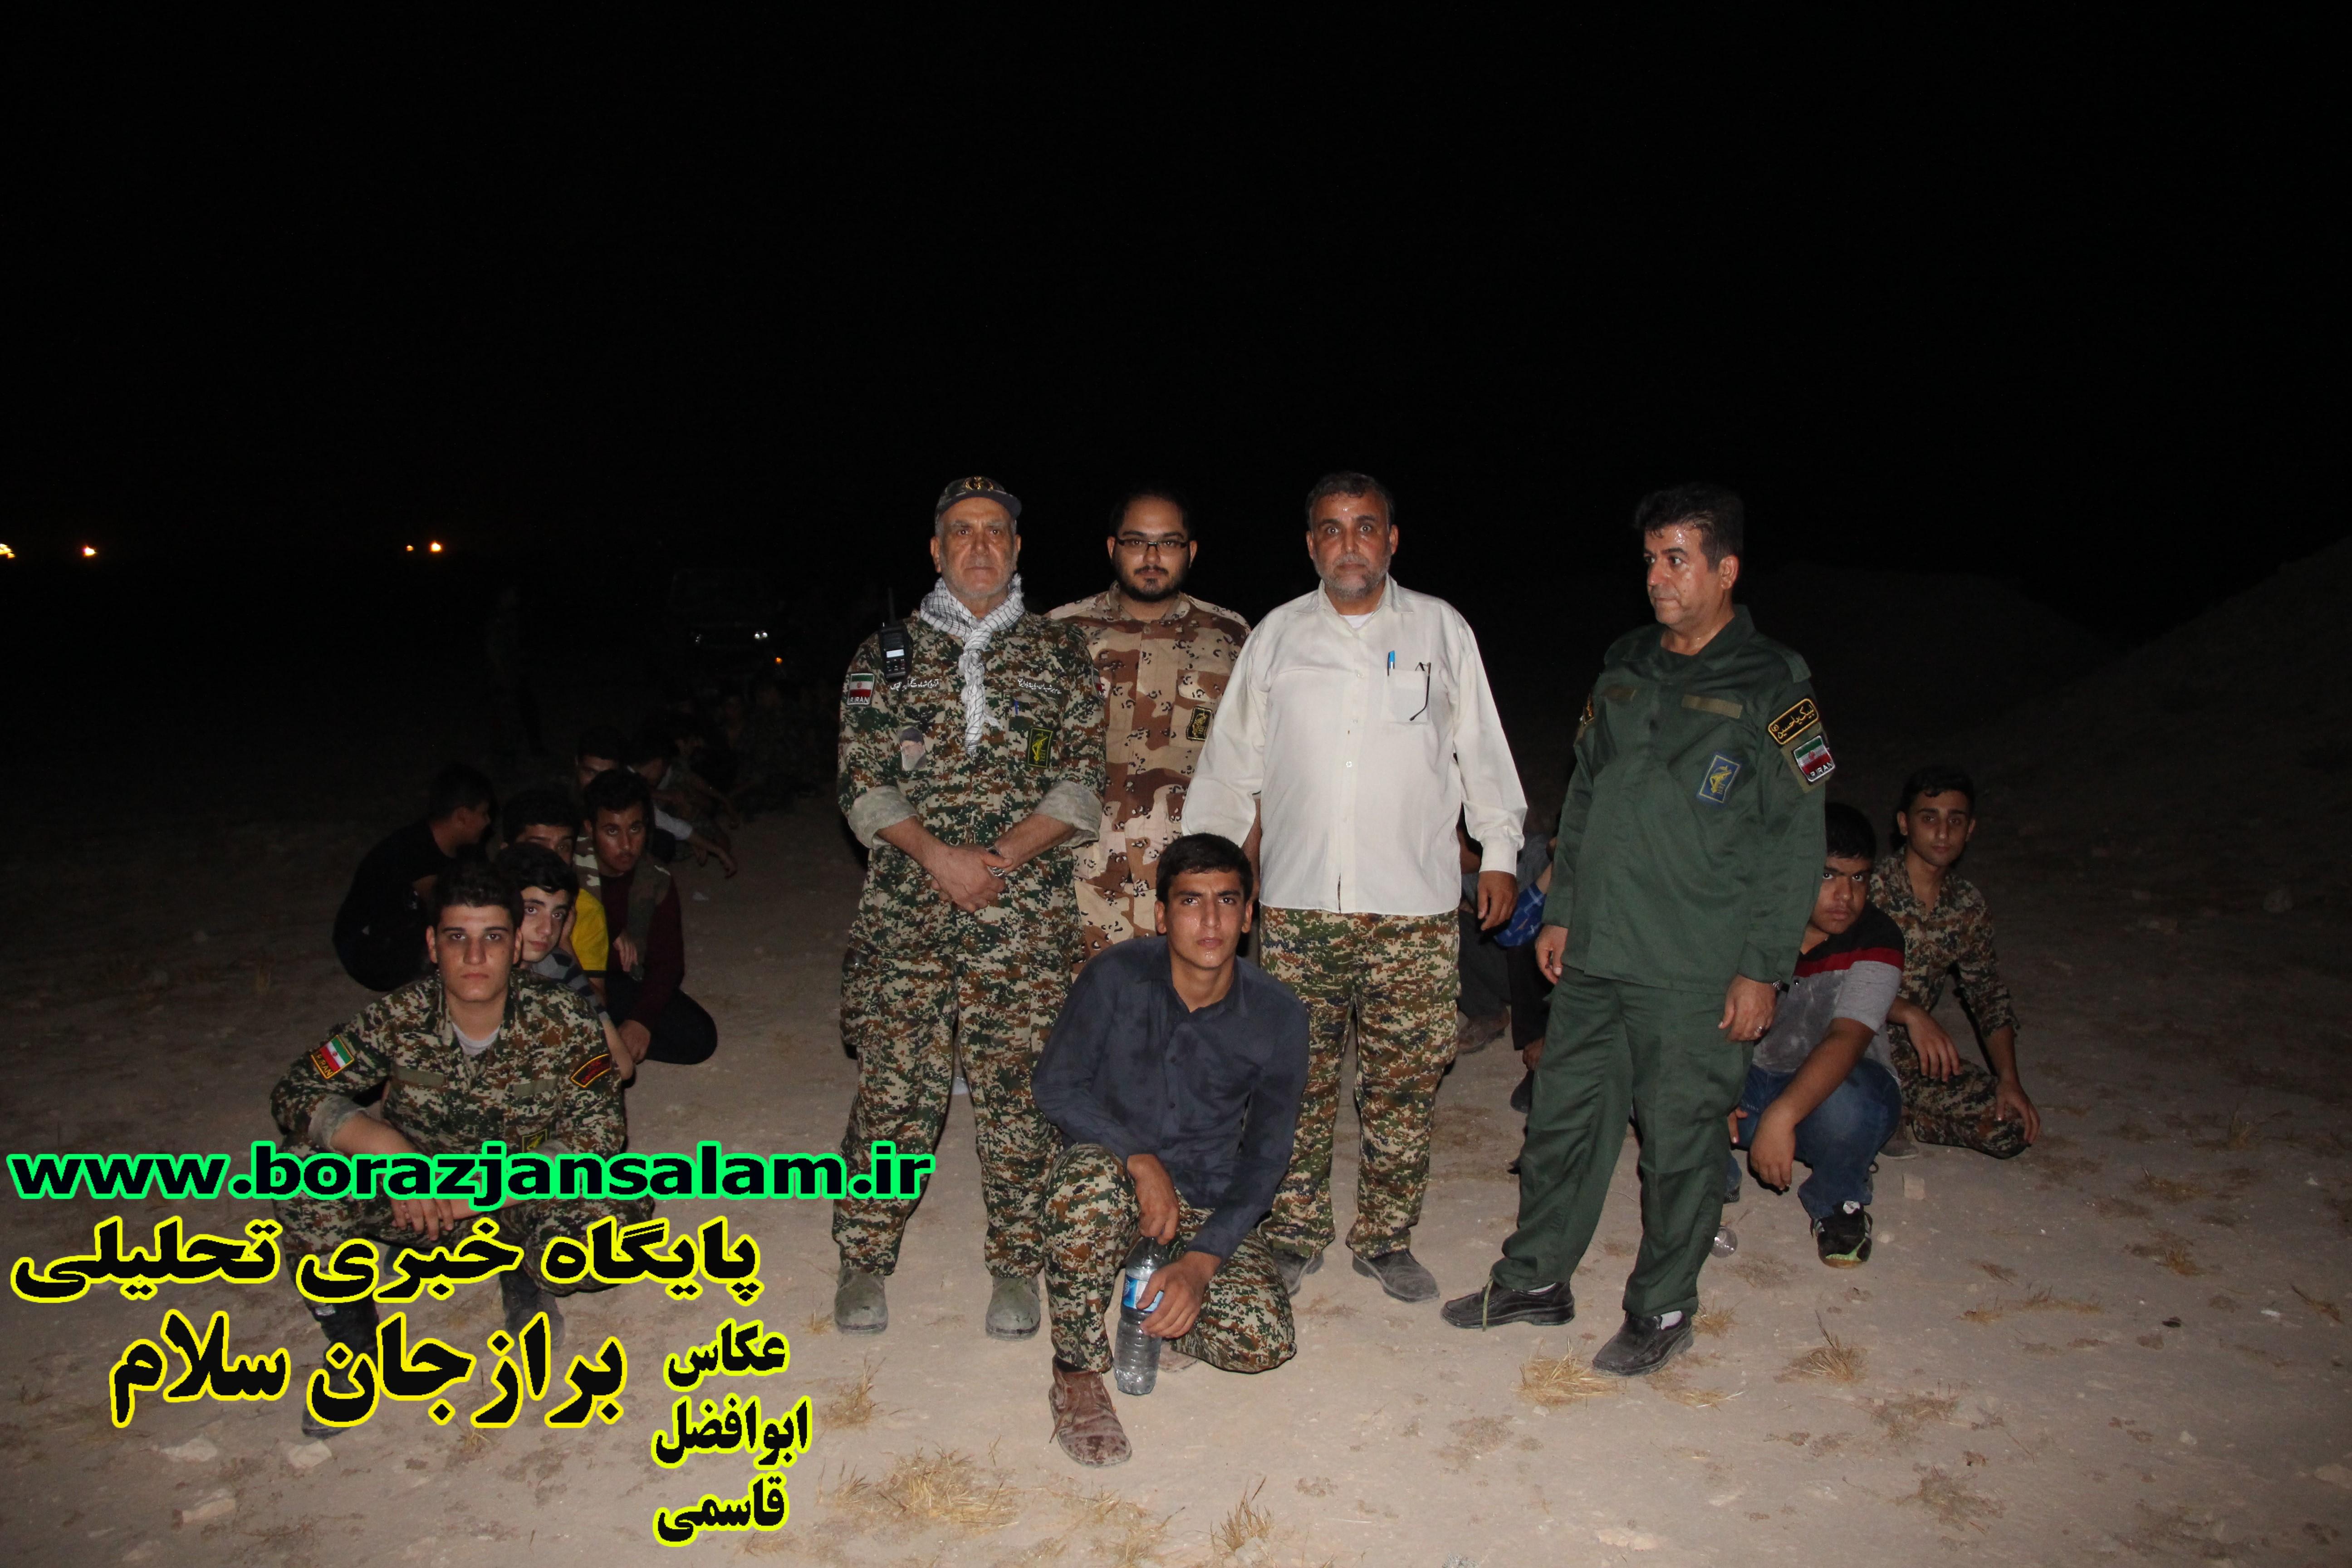 پیاده روی تاکتیکی و آموزش تیراندازی با تفنگ بادی توسط حوزه مقاومت بسیج نجف اشرف برازجان به مناسبت هفته دفاع مقدس برگزار شد .